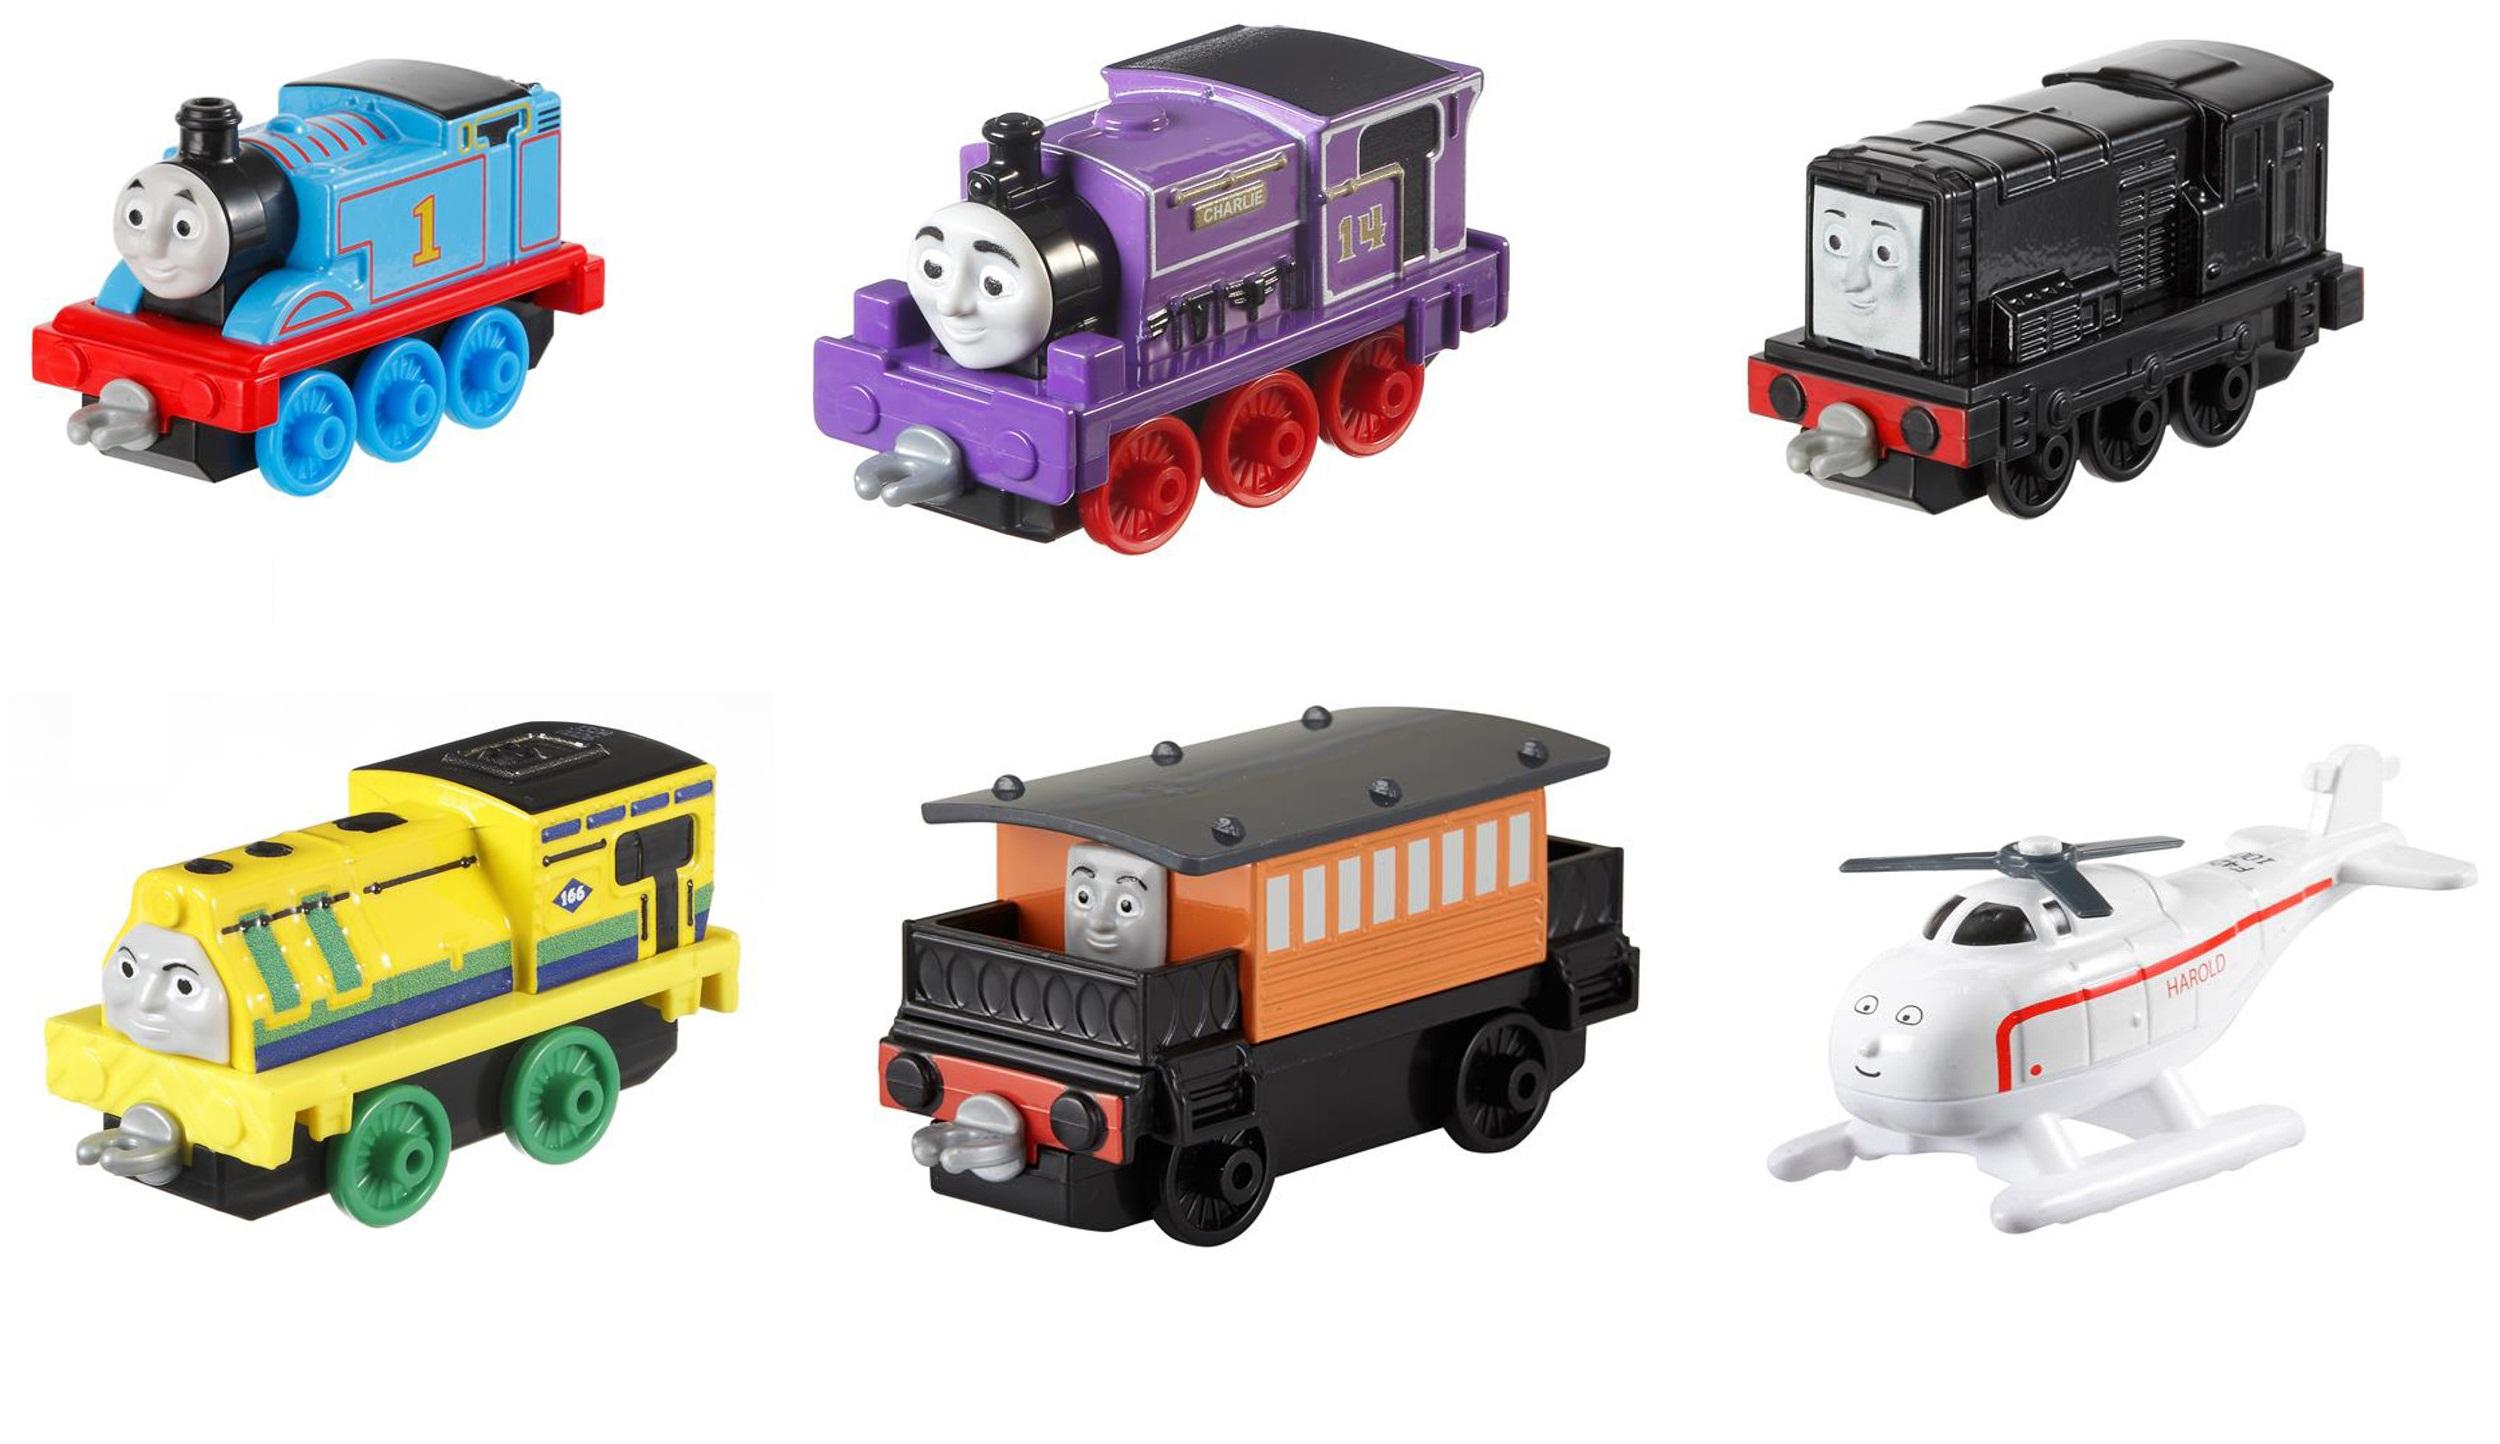 цены Наборы игрушечных железных дорог, локомотивы, вагоны Fisher Price Маленький паровозик